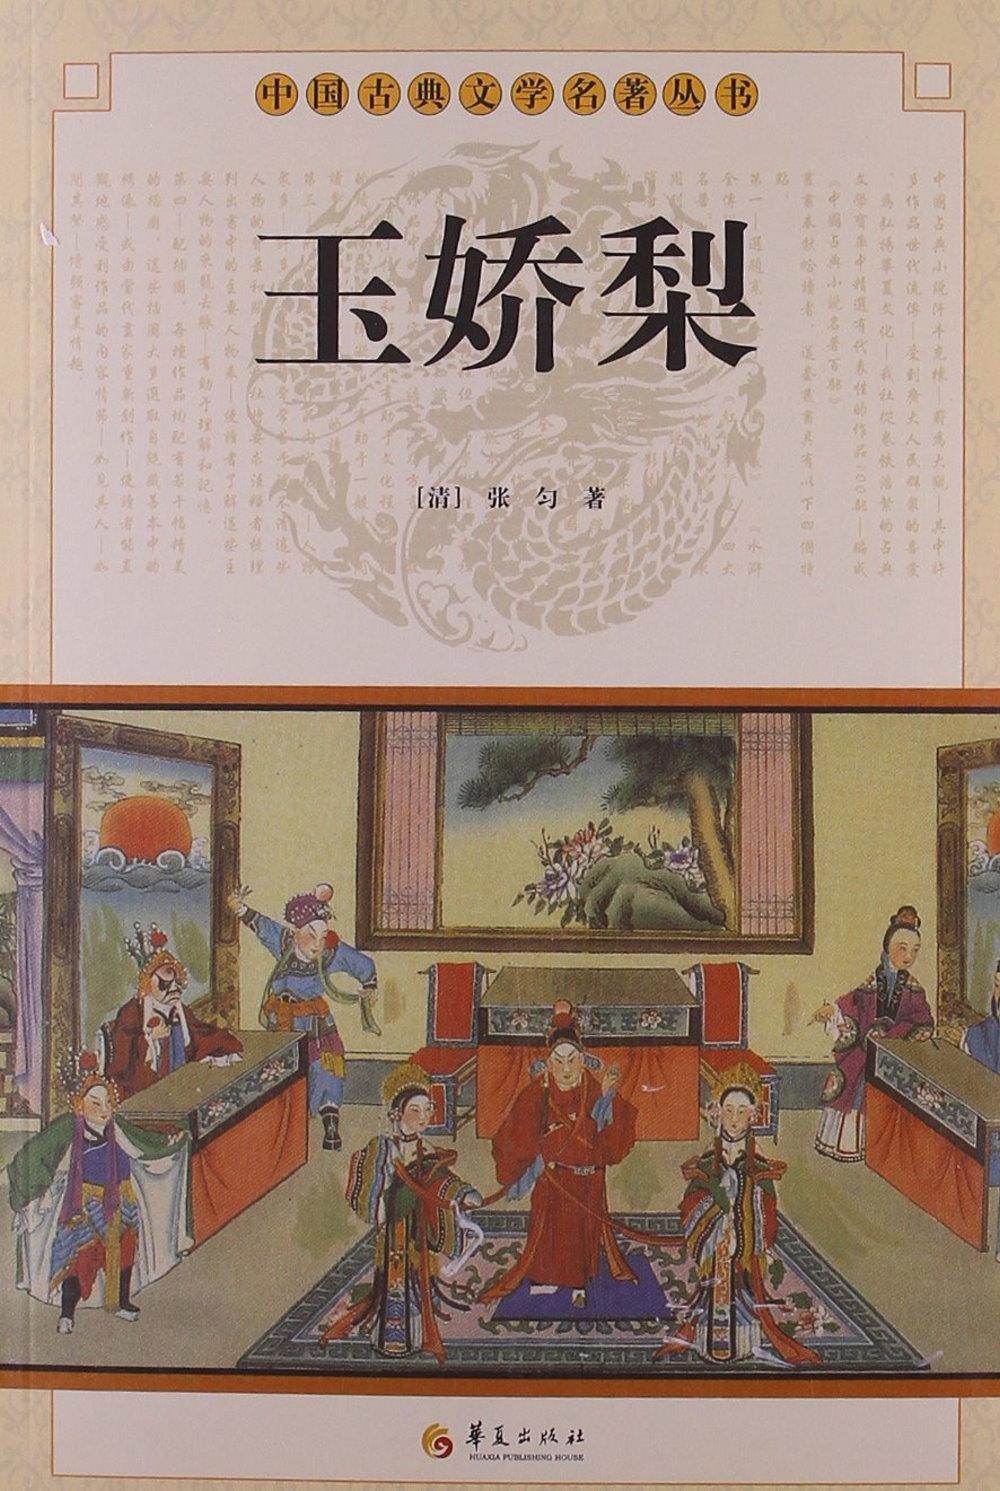 中國古典文學名著叢書:玉嬌梨